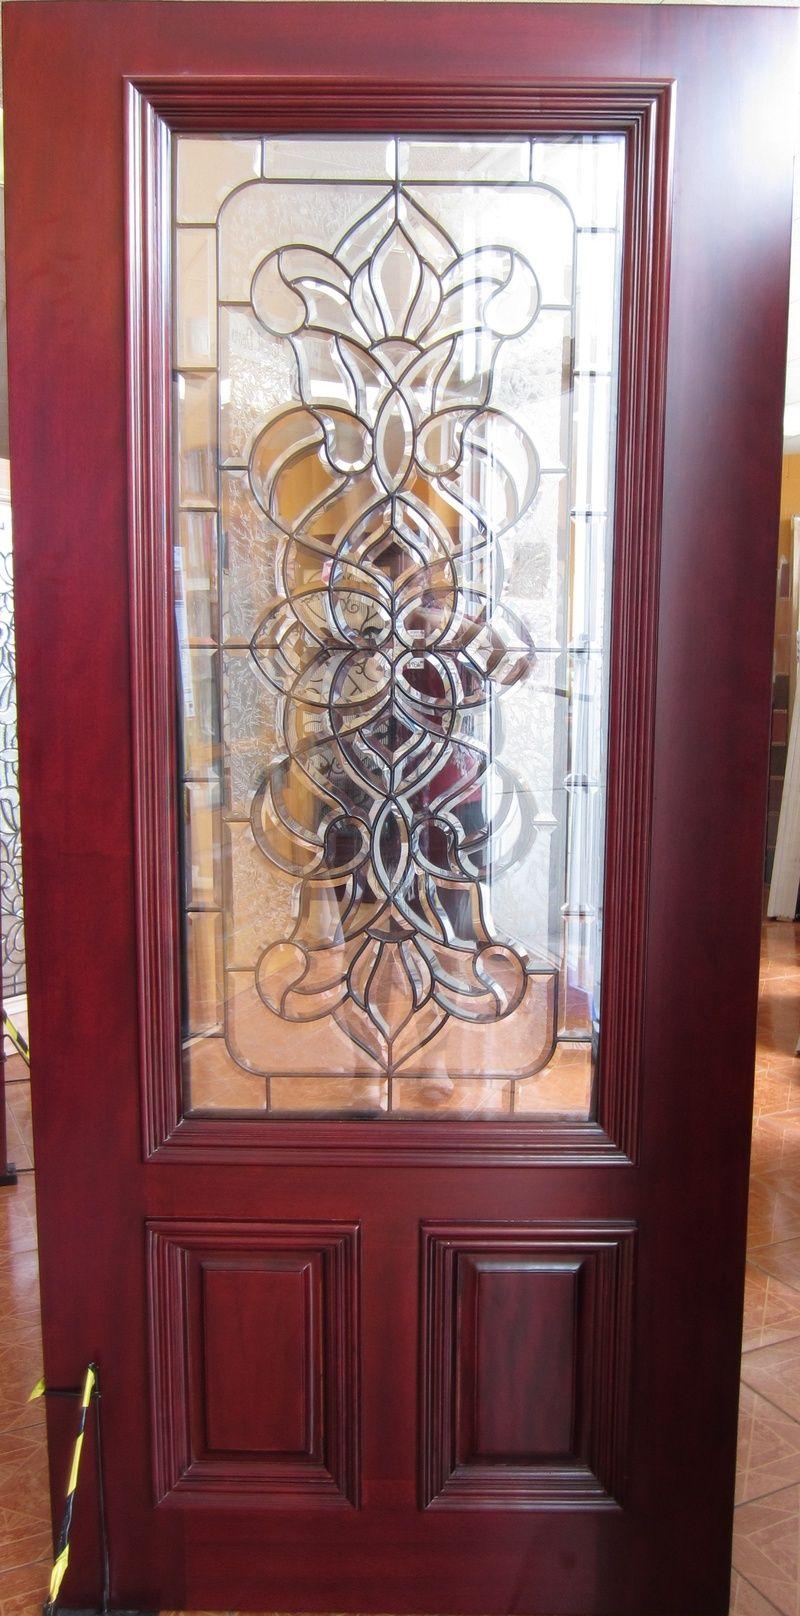 Specials Roberts Elegant Doors Front Doors Exterior Wood Doors